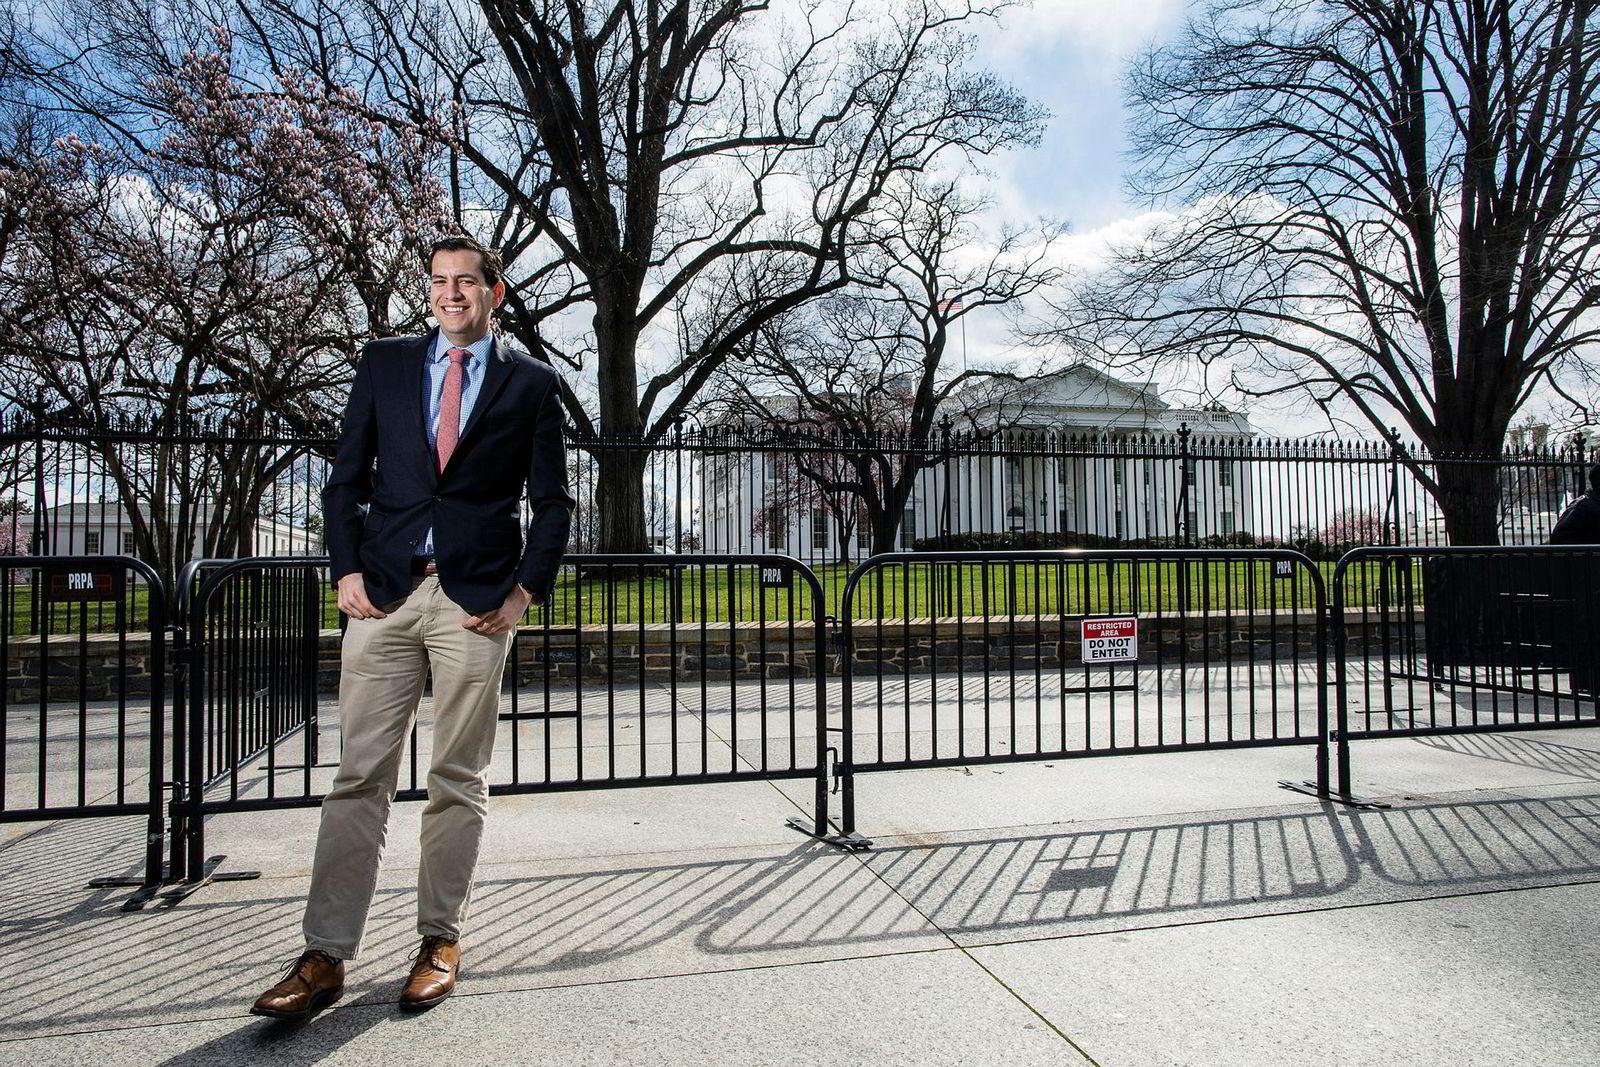 Zeke Miller i Time Magazine har vært reporter i Det hvite de siste fire og et halvt årene. Han ser både positive og negative sider ved endringene presidentskiftet har ført med seg.